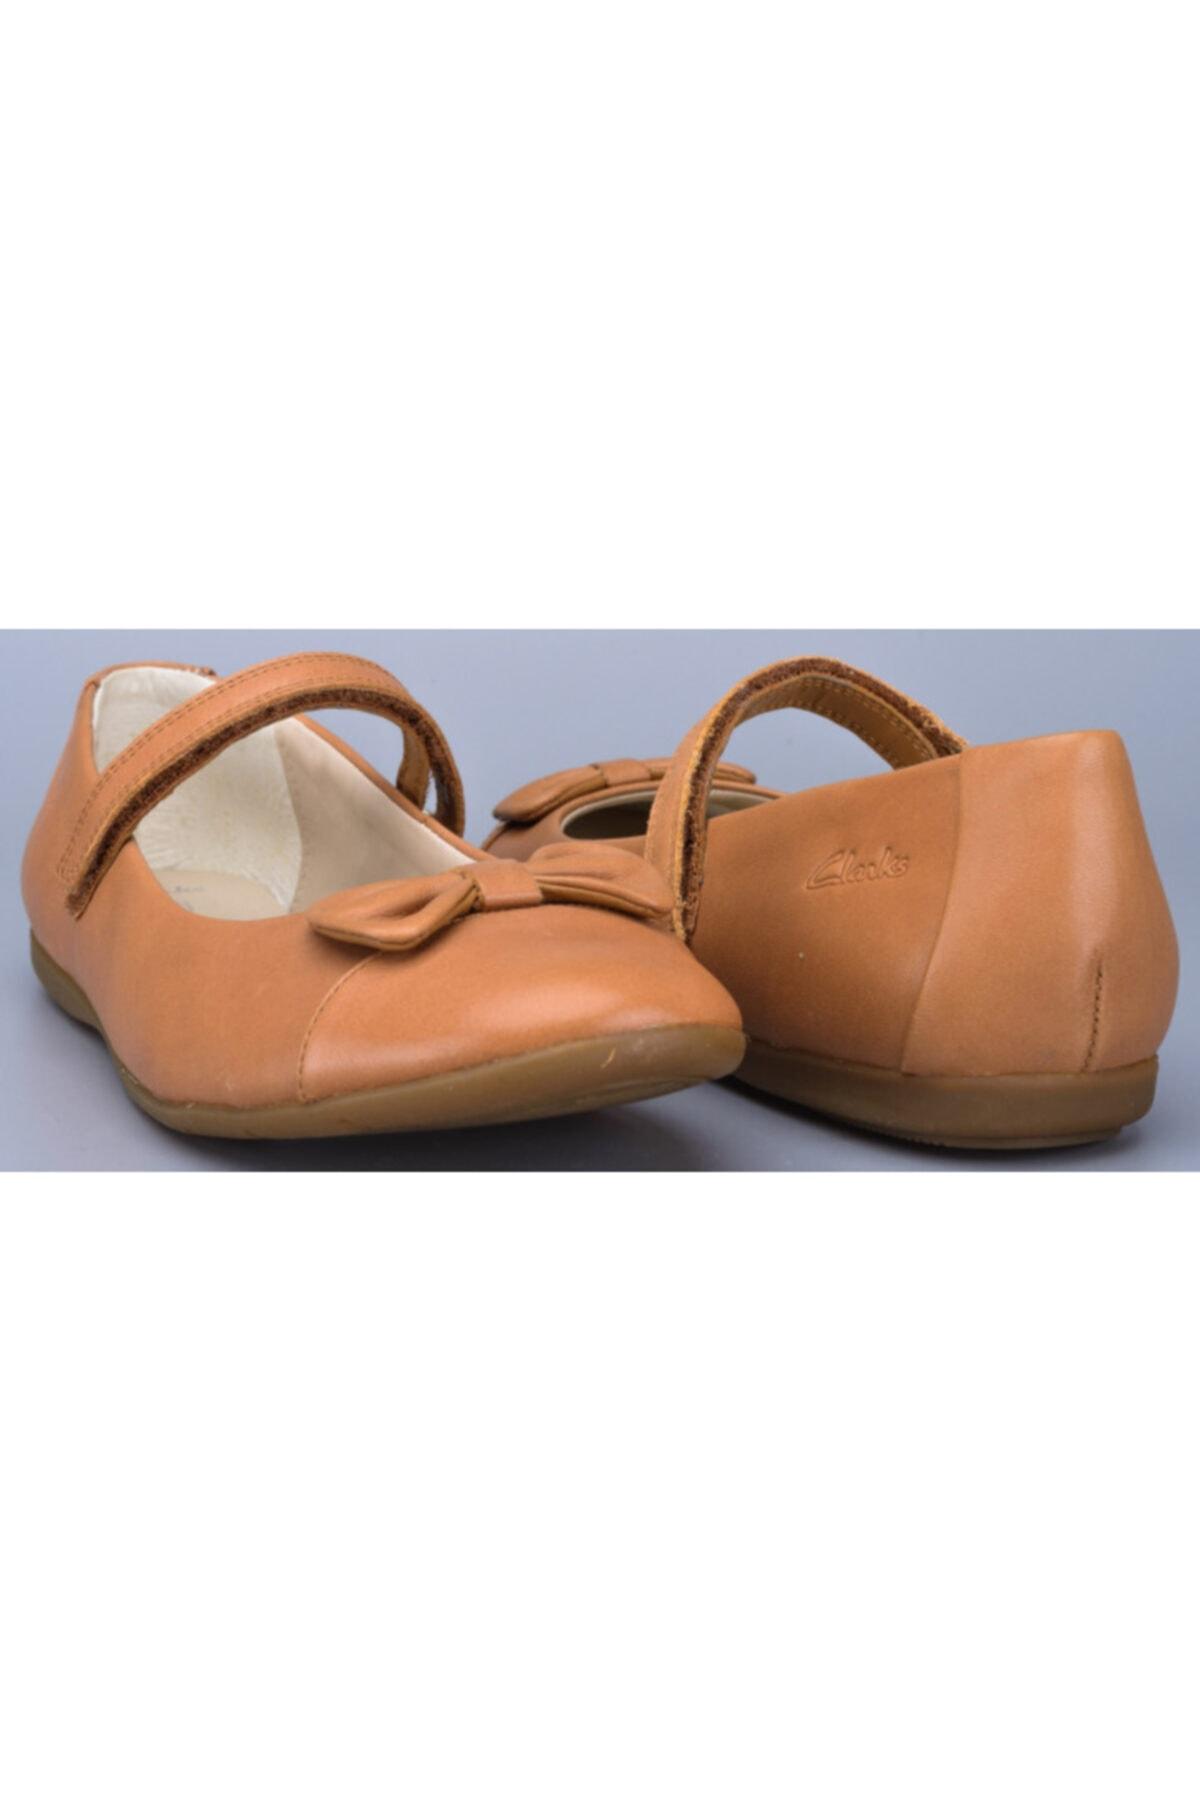 CLARKS Kız 7 Yaş Üstü Babet Ayakkabı Şık Ve Rahat 1